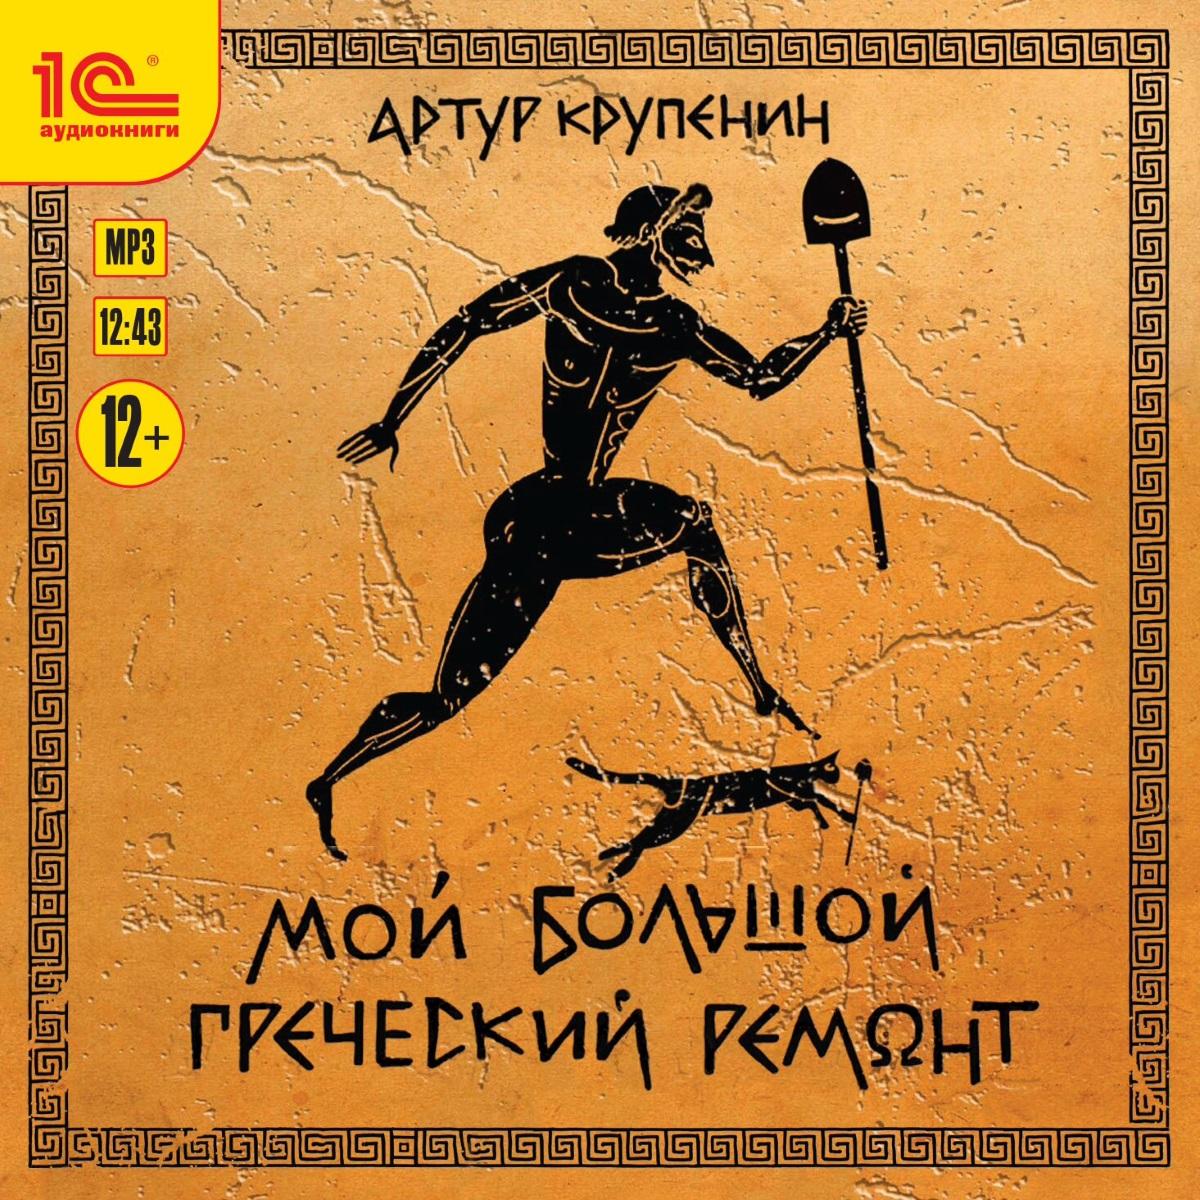 Мой большой греческий ремонт (Цифровая версия)Мой большой греческий ремонт – увлекательный роман-воспоминание Артура Крупенина о жизни в греческой провинции.<br>